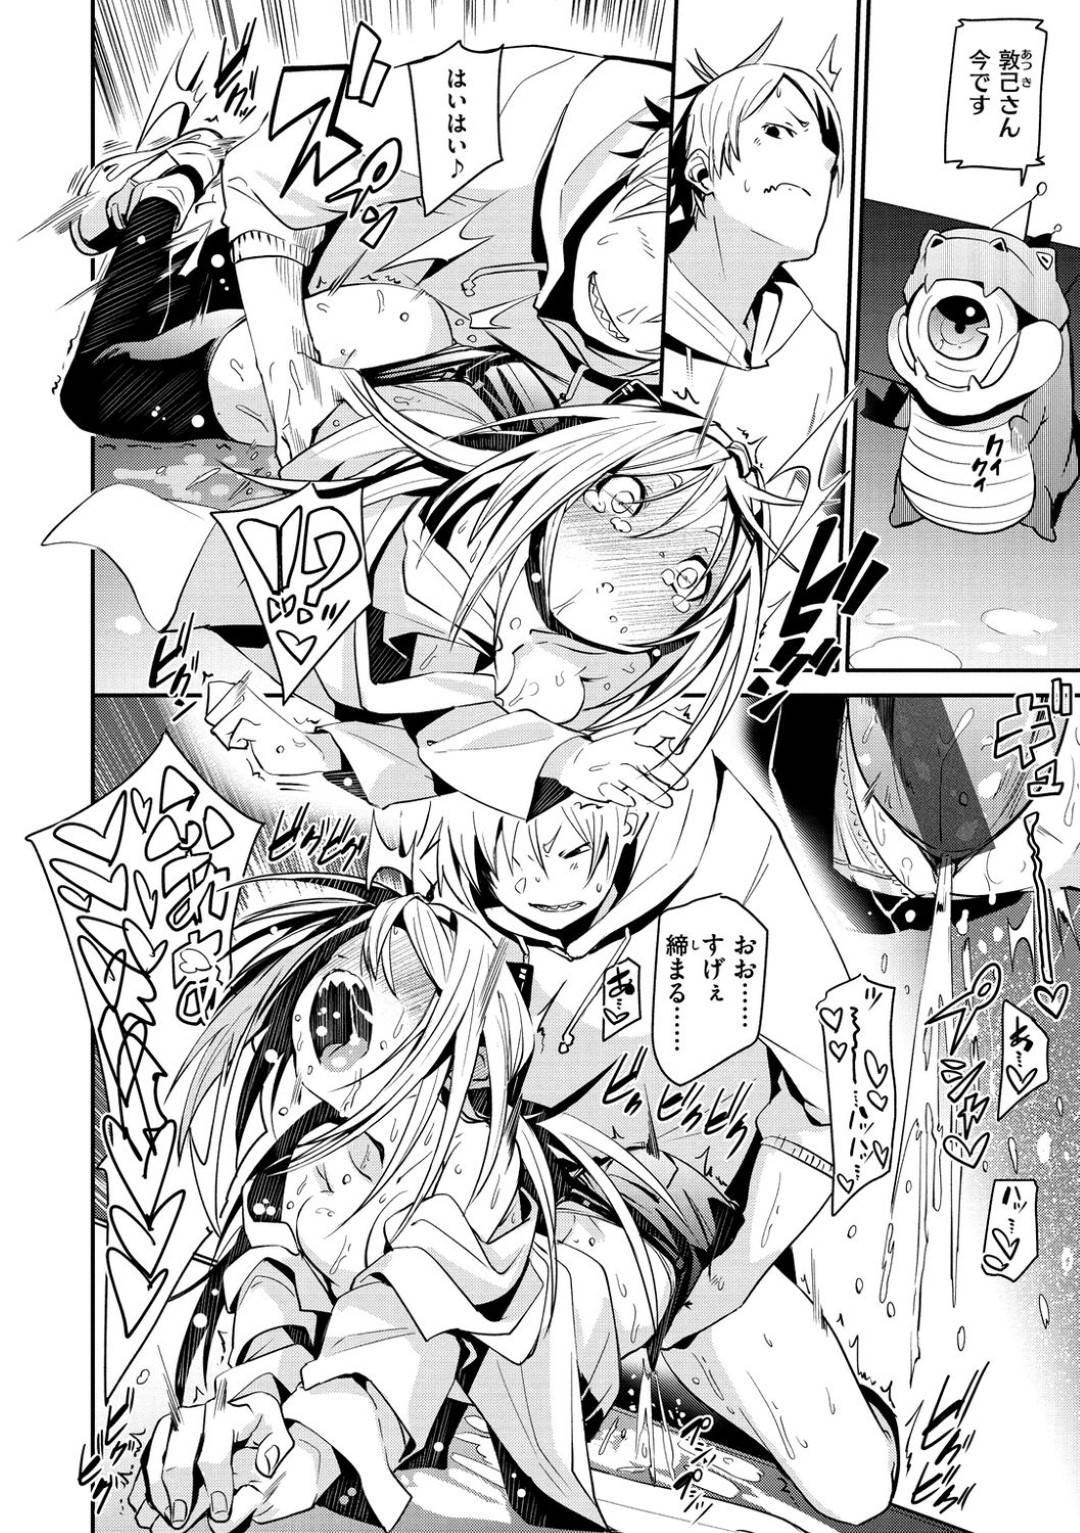 【エロ漫画】研究の一環で助手とエッチする展開になってしまった美少女博士…彼女は彼のされるがままとなってしまい、手マンや乳首責めなど全身を責められた挙げ句、中出しセックスまでもさせられる!【fu-ta:ヤキモチ】